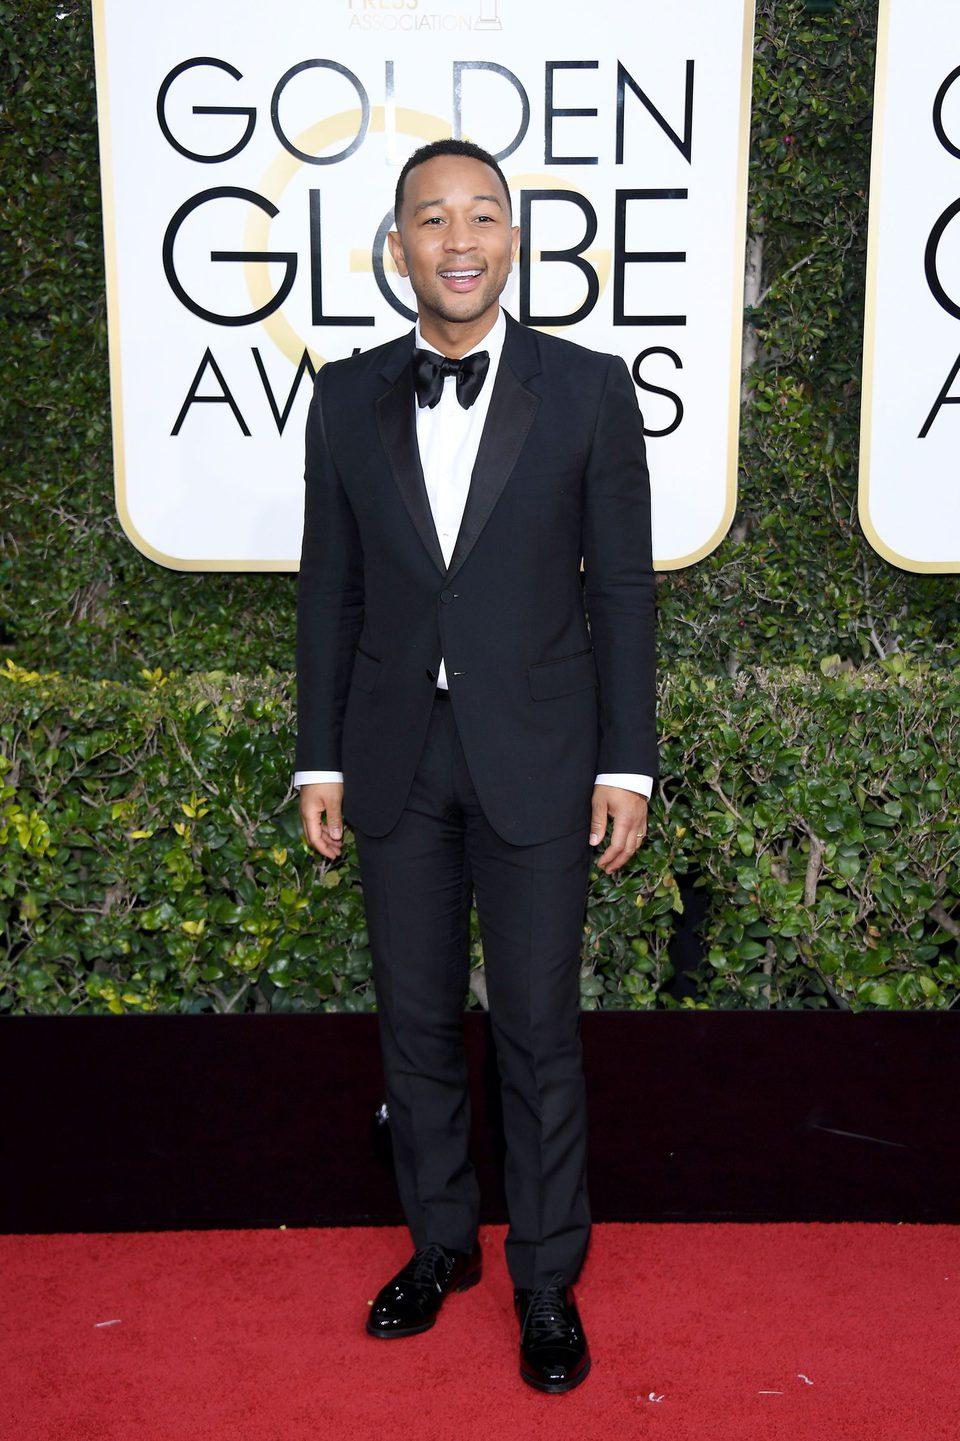 John Legend at Golden Globes 2017 red carpet